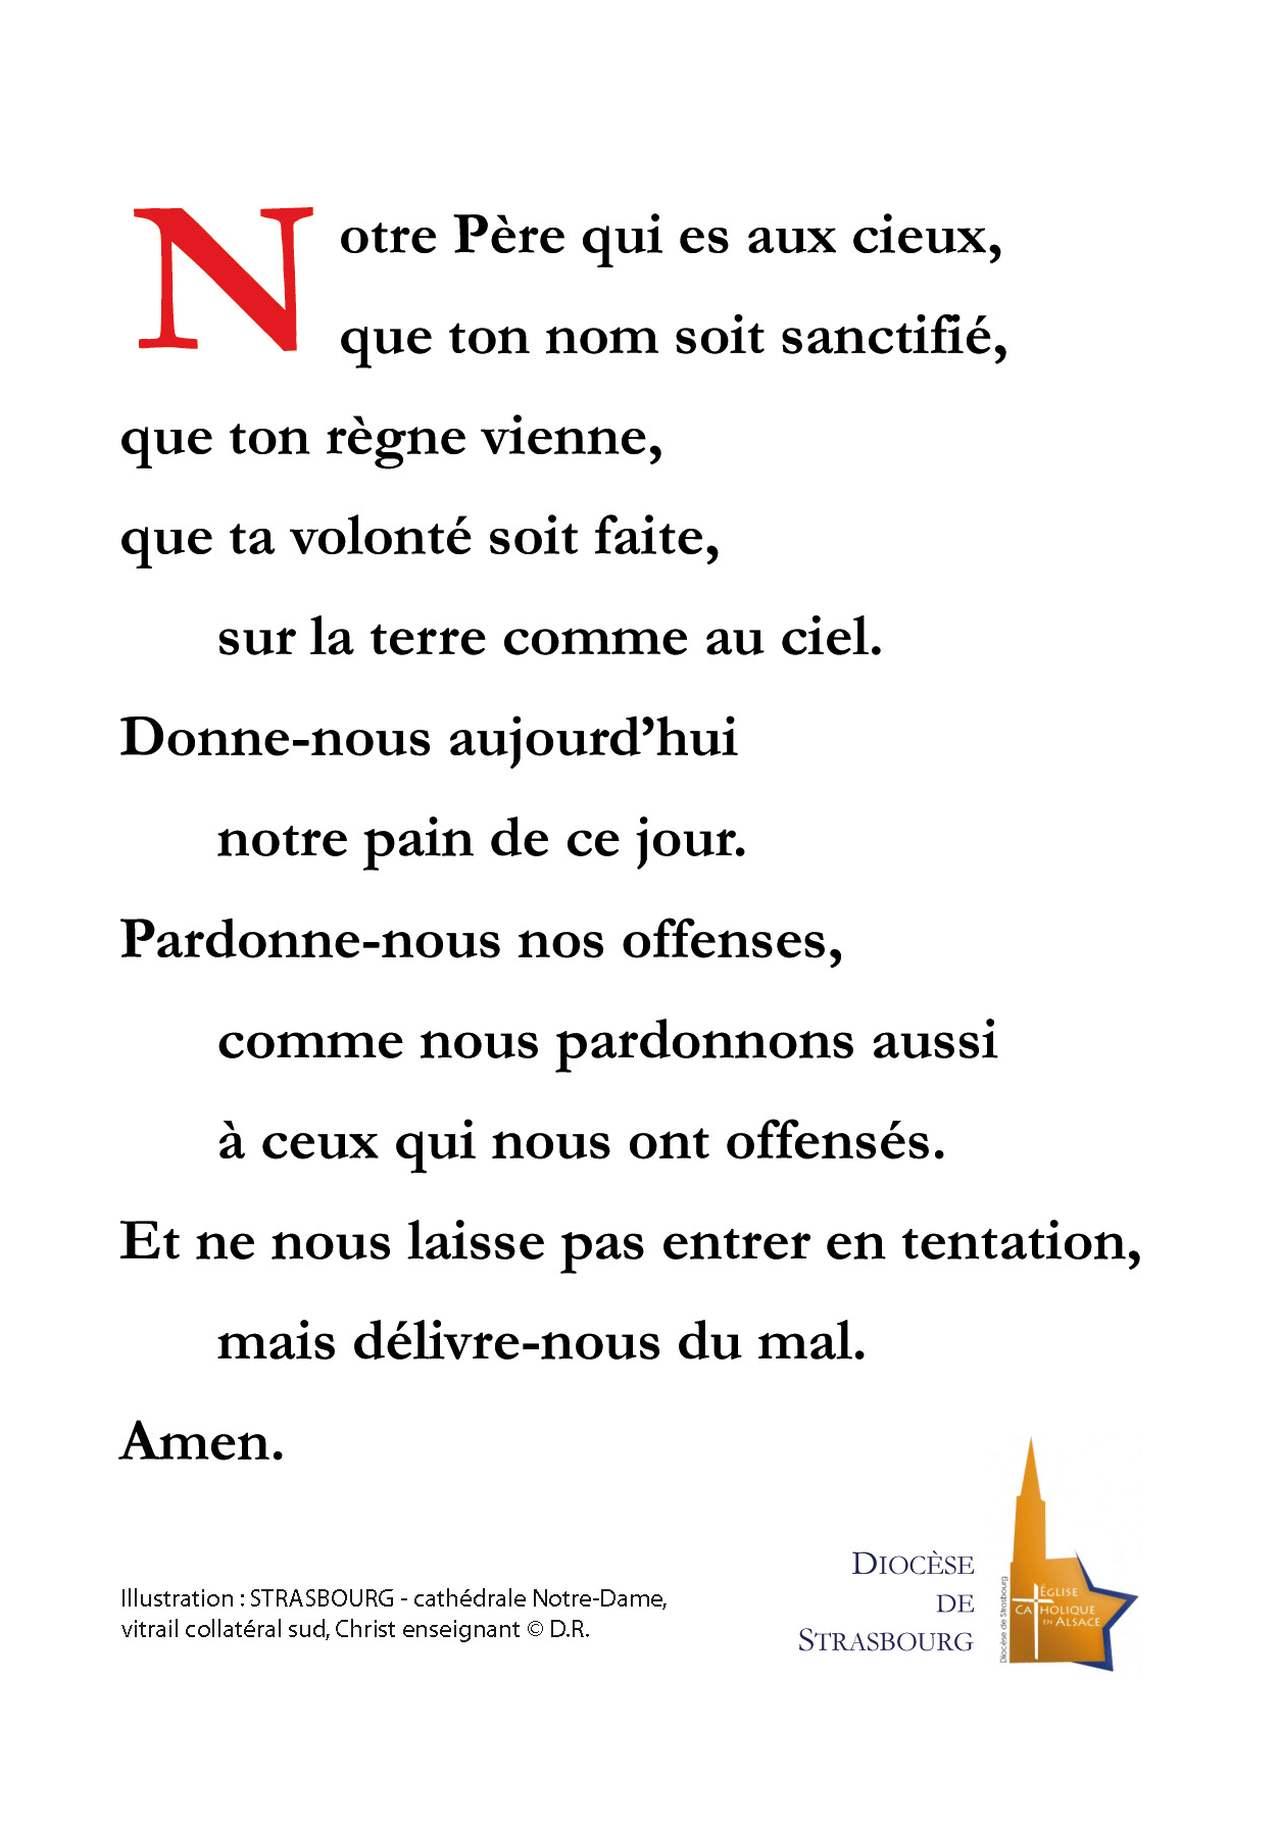 Extrem Notre Père - Diocèse de Strasbourg TZ07